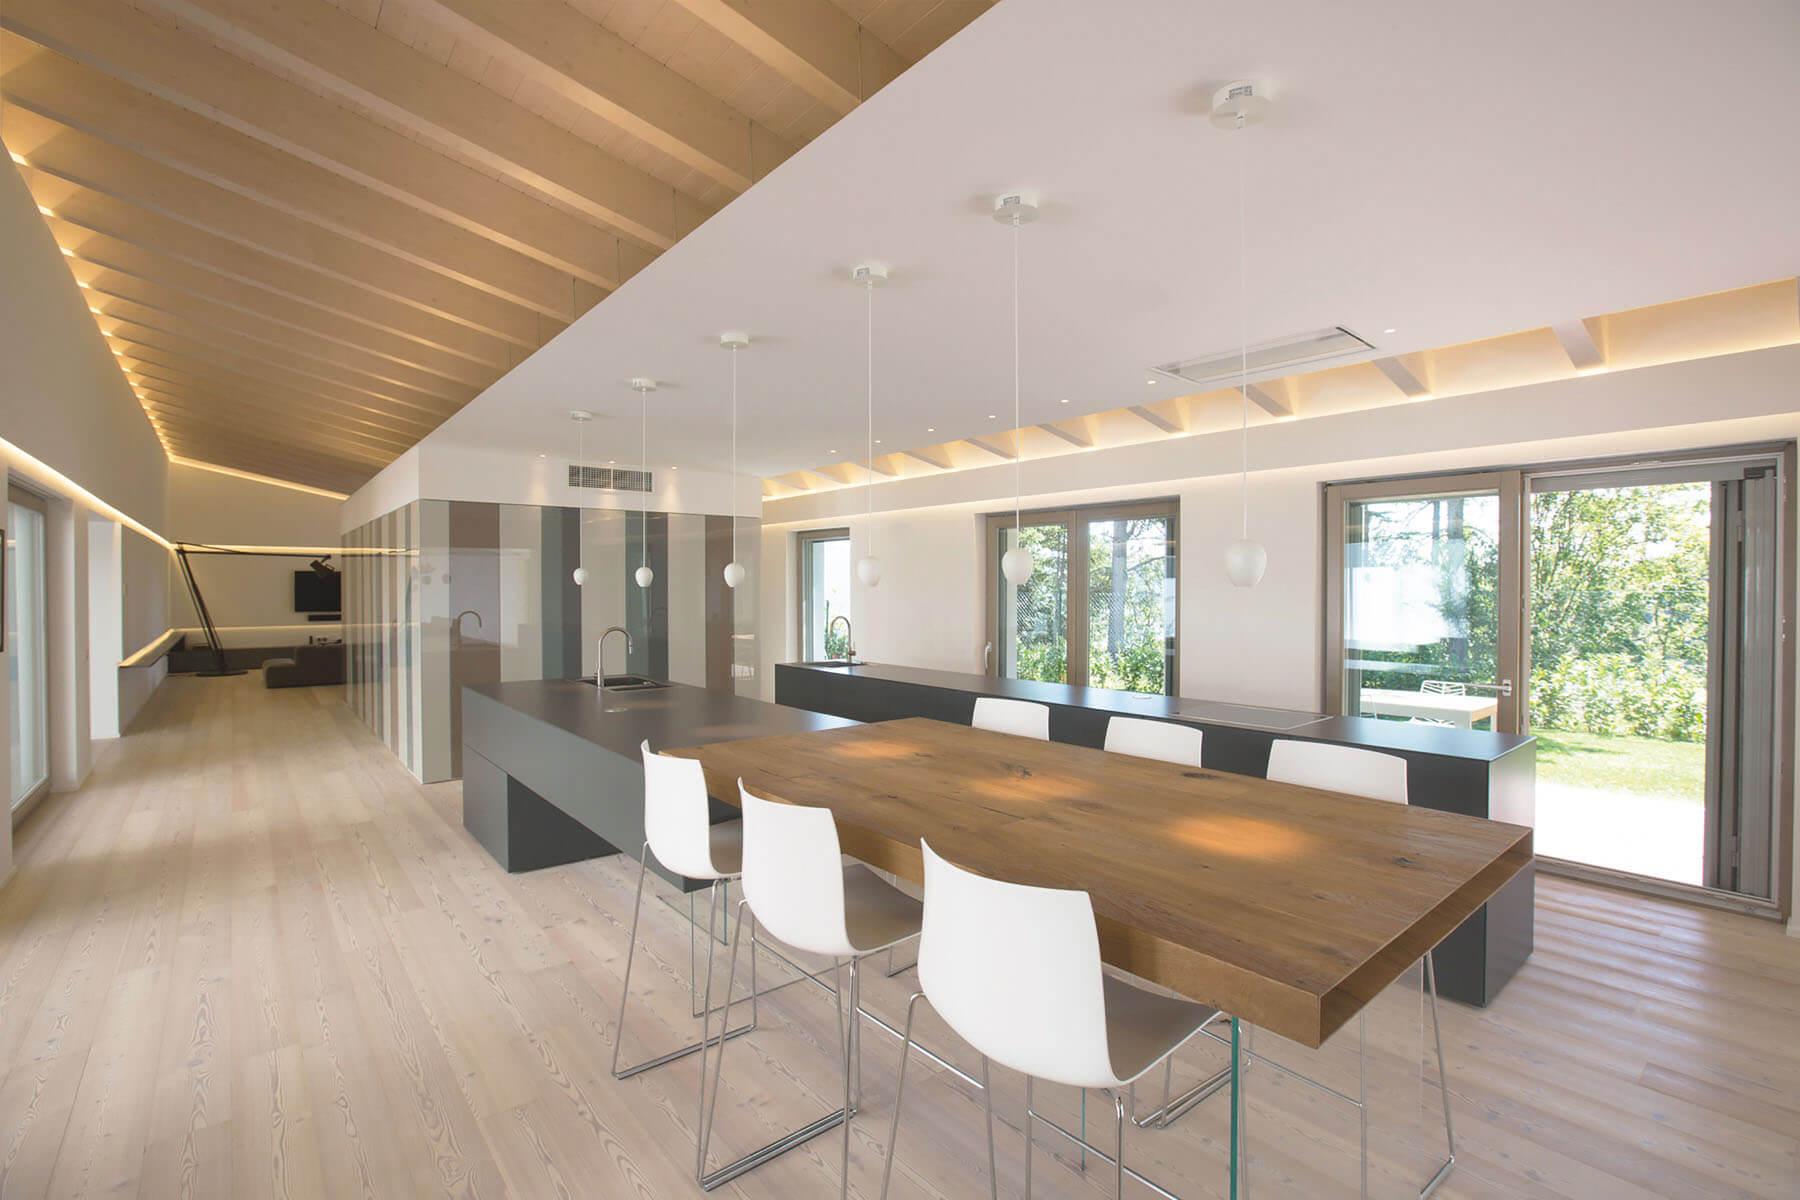 Cucine Moderne - La nostra selezione | Casa più arredamenti